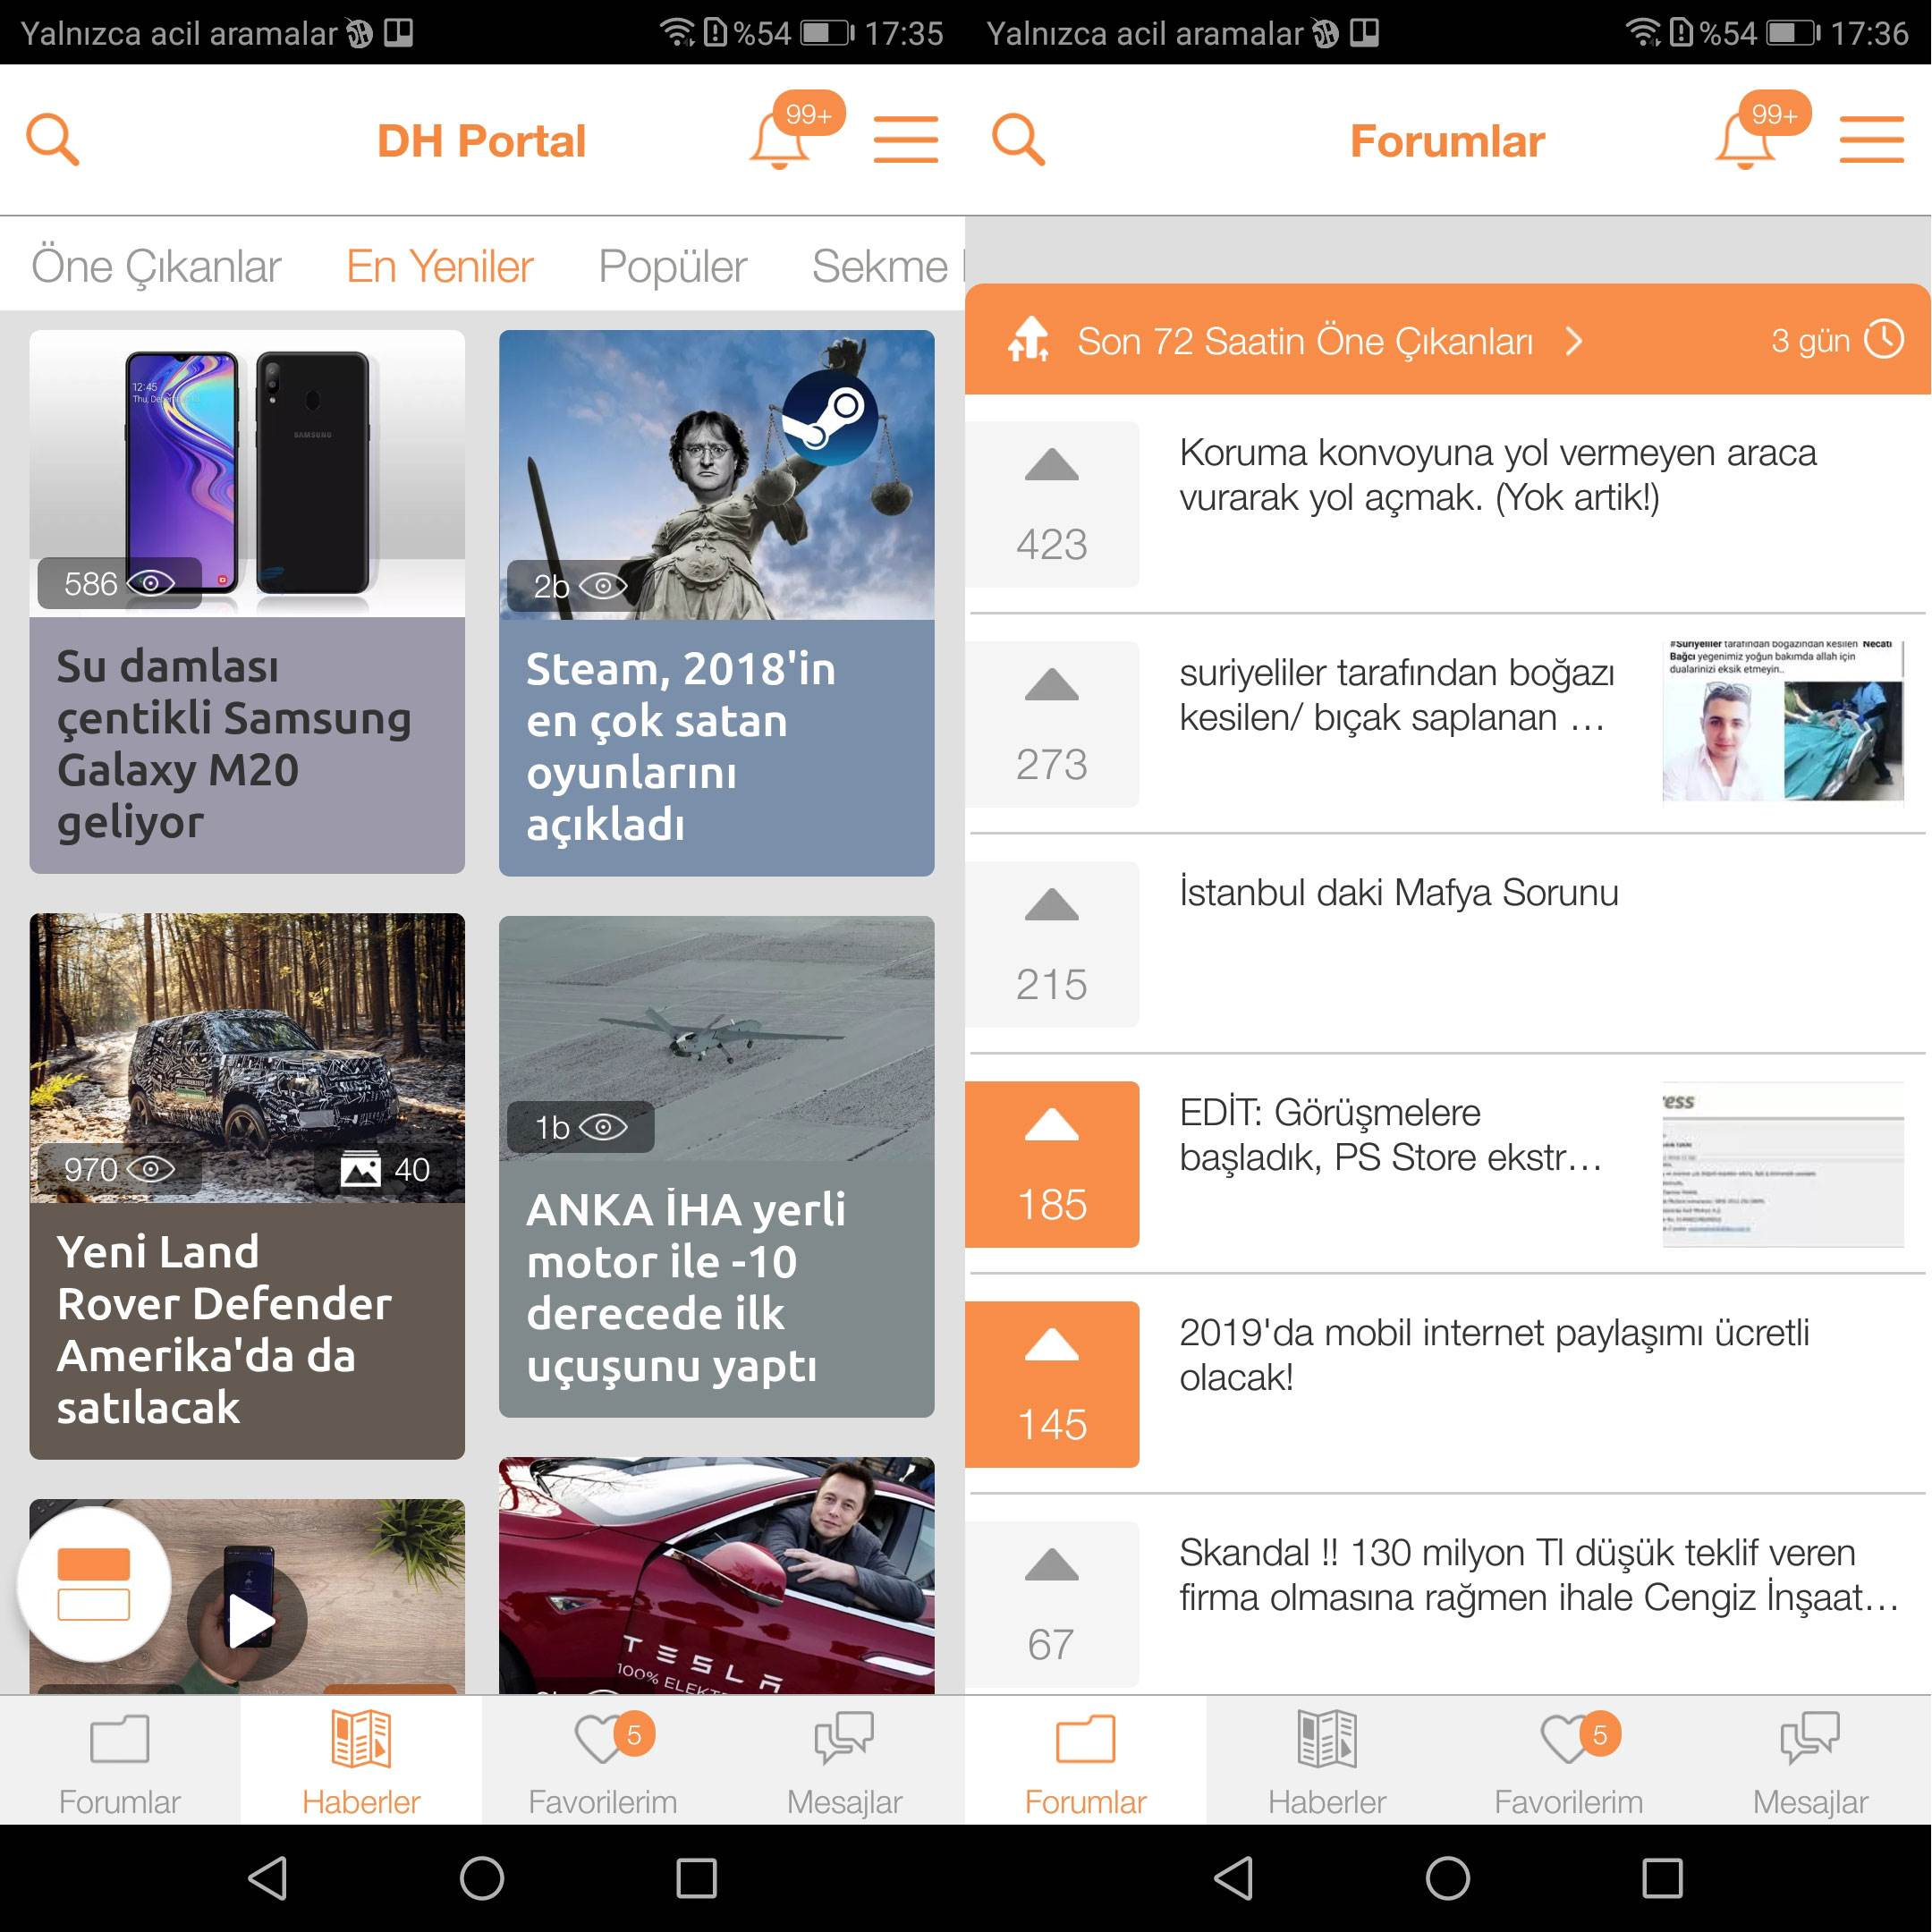 Reklamsız DonanımHaber deneyimi sunan DH uygulamasının yeni sürümü artık daha hızlı